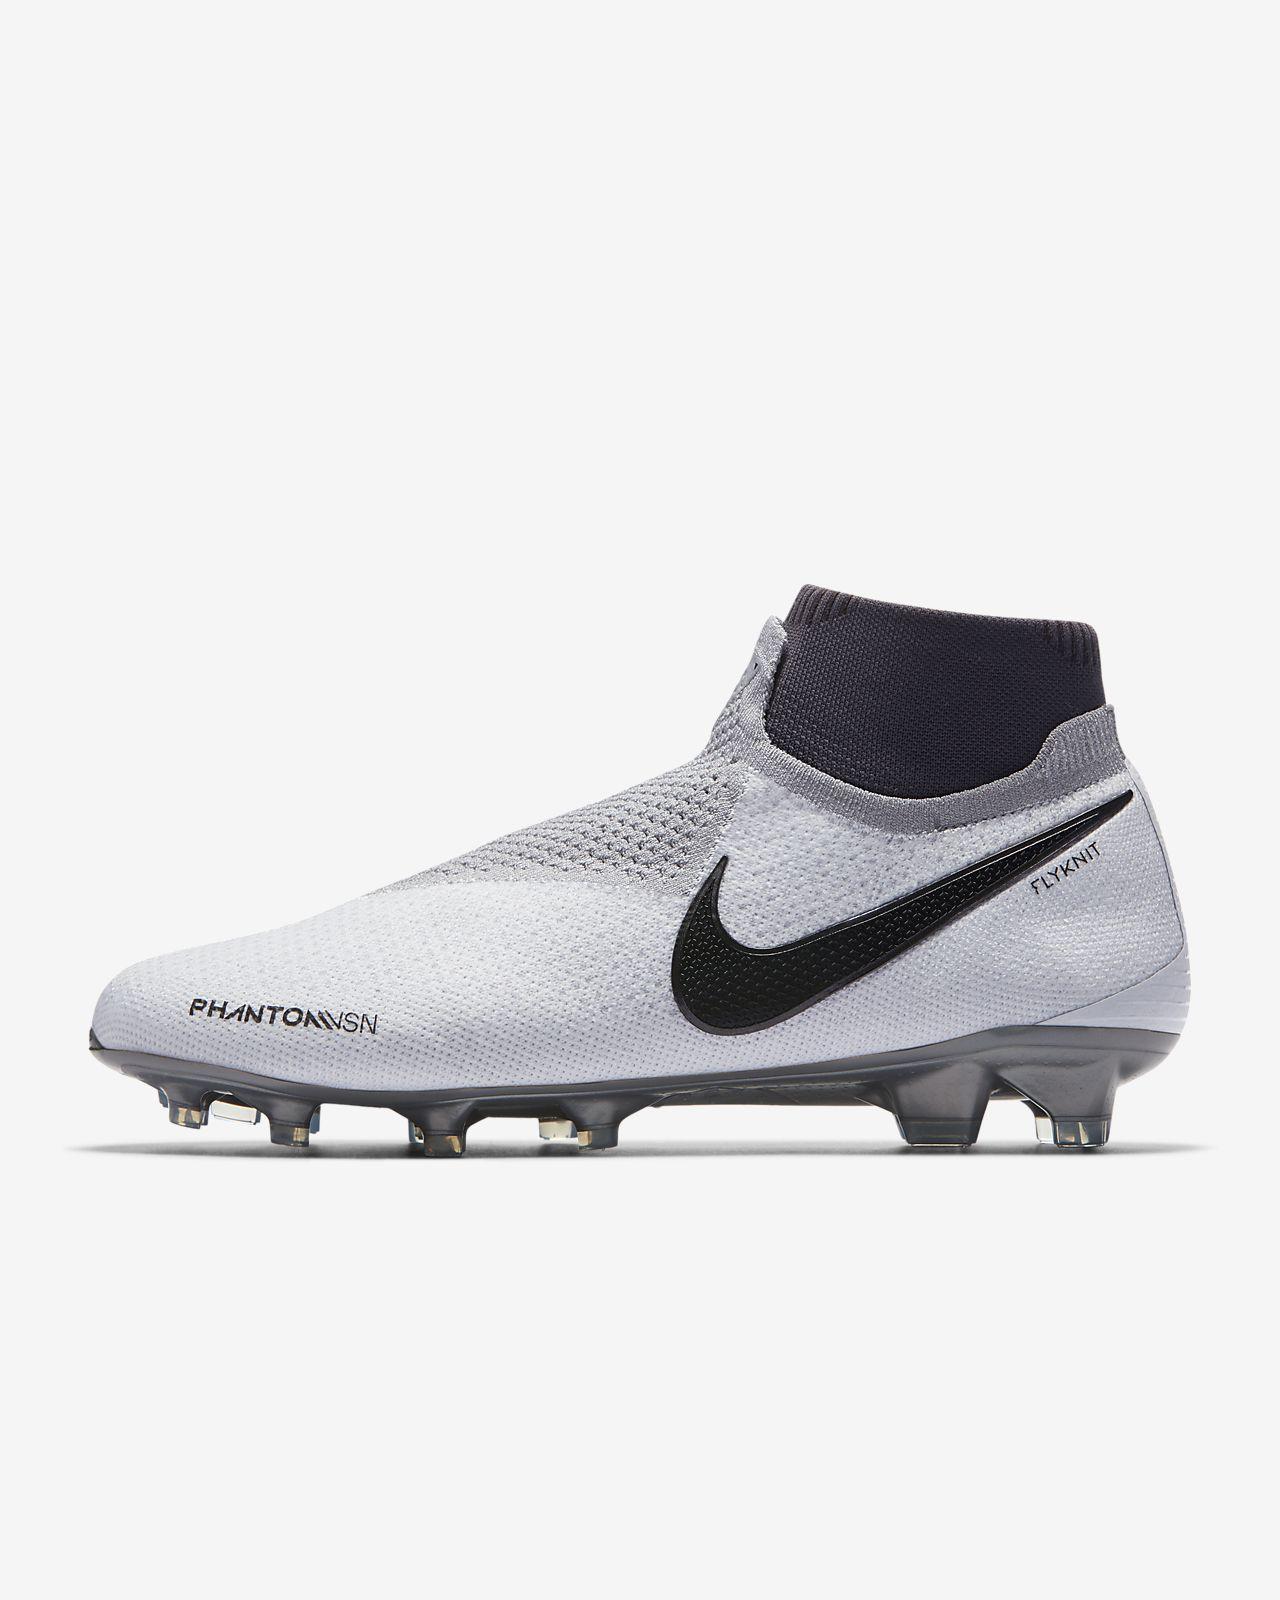 premium selection 25366 1cc70 ... canada chaussure de football à crampons pour terrain sec nike phantom  vision elite dynamic fit 156a7